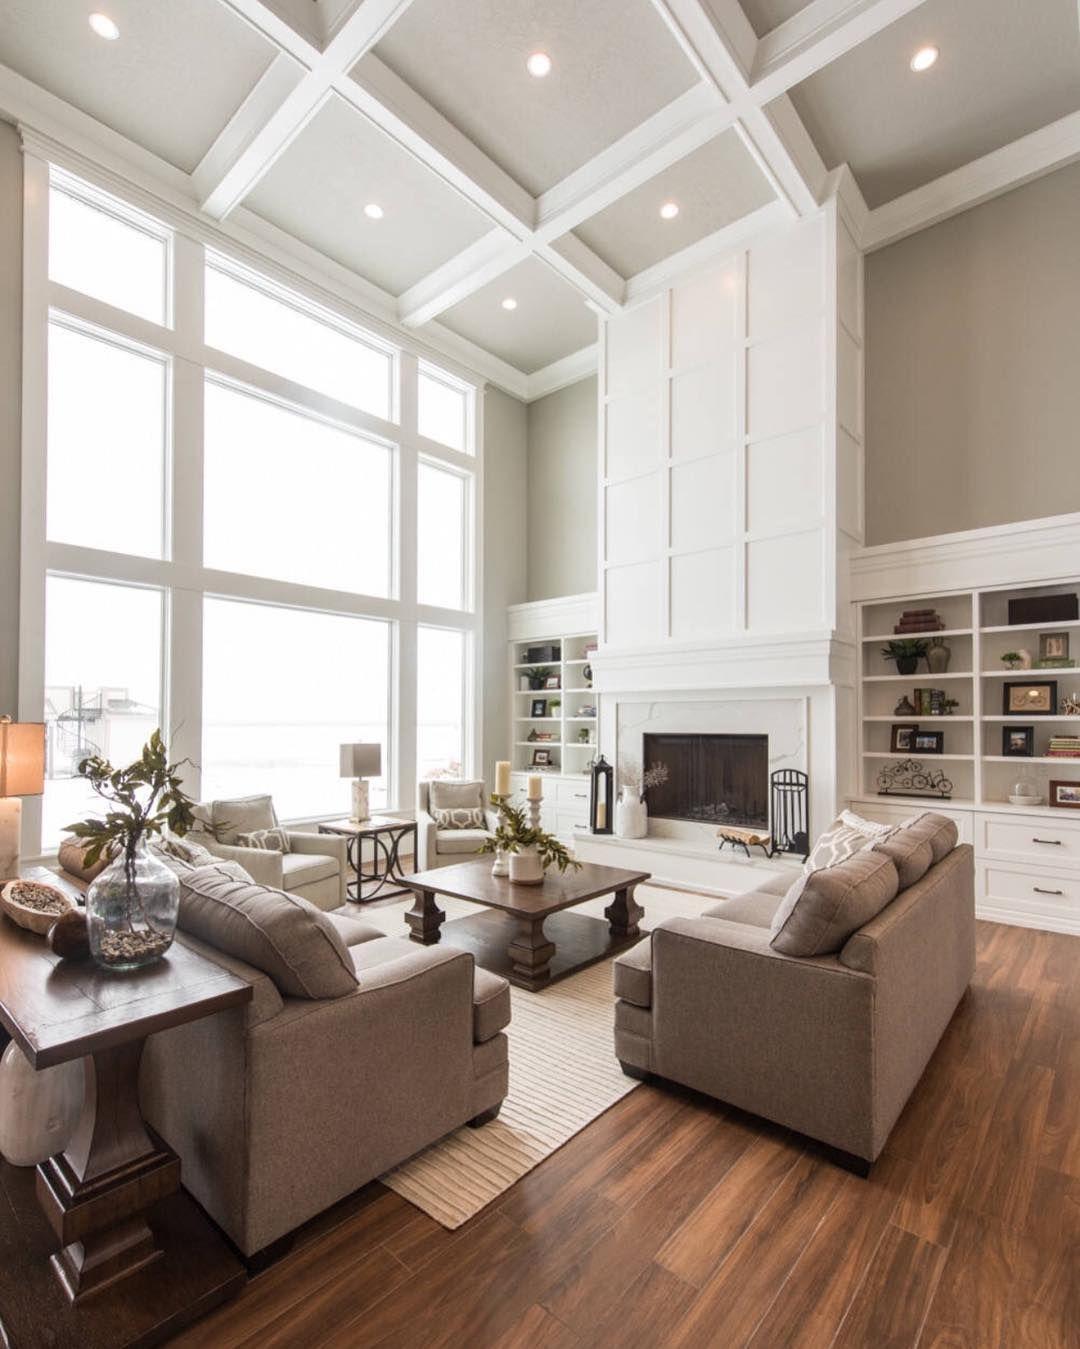 Home interior design windows  likes  comments  interior design  home decor